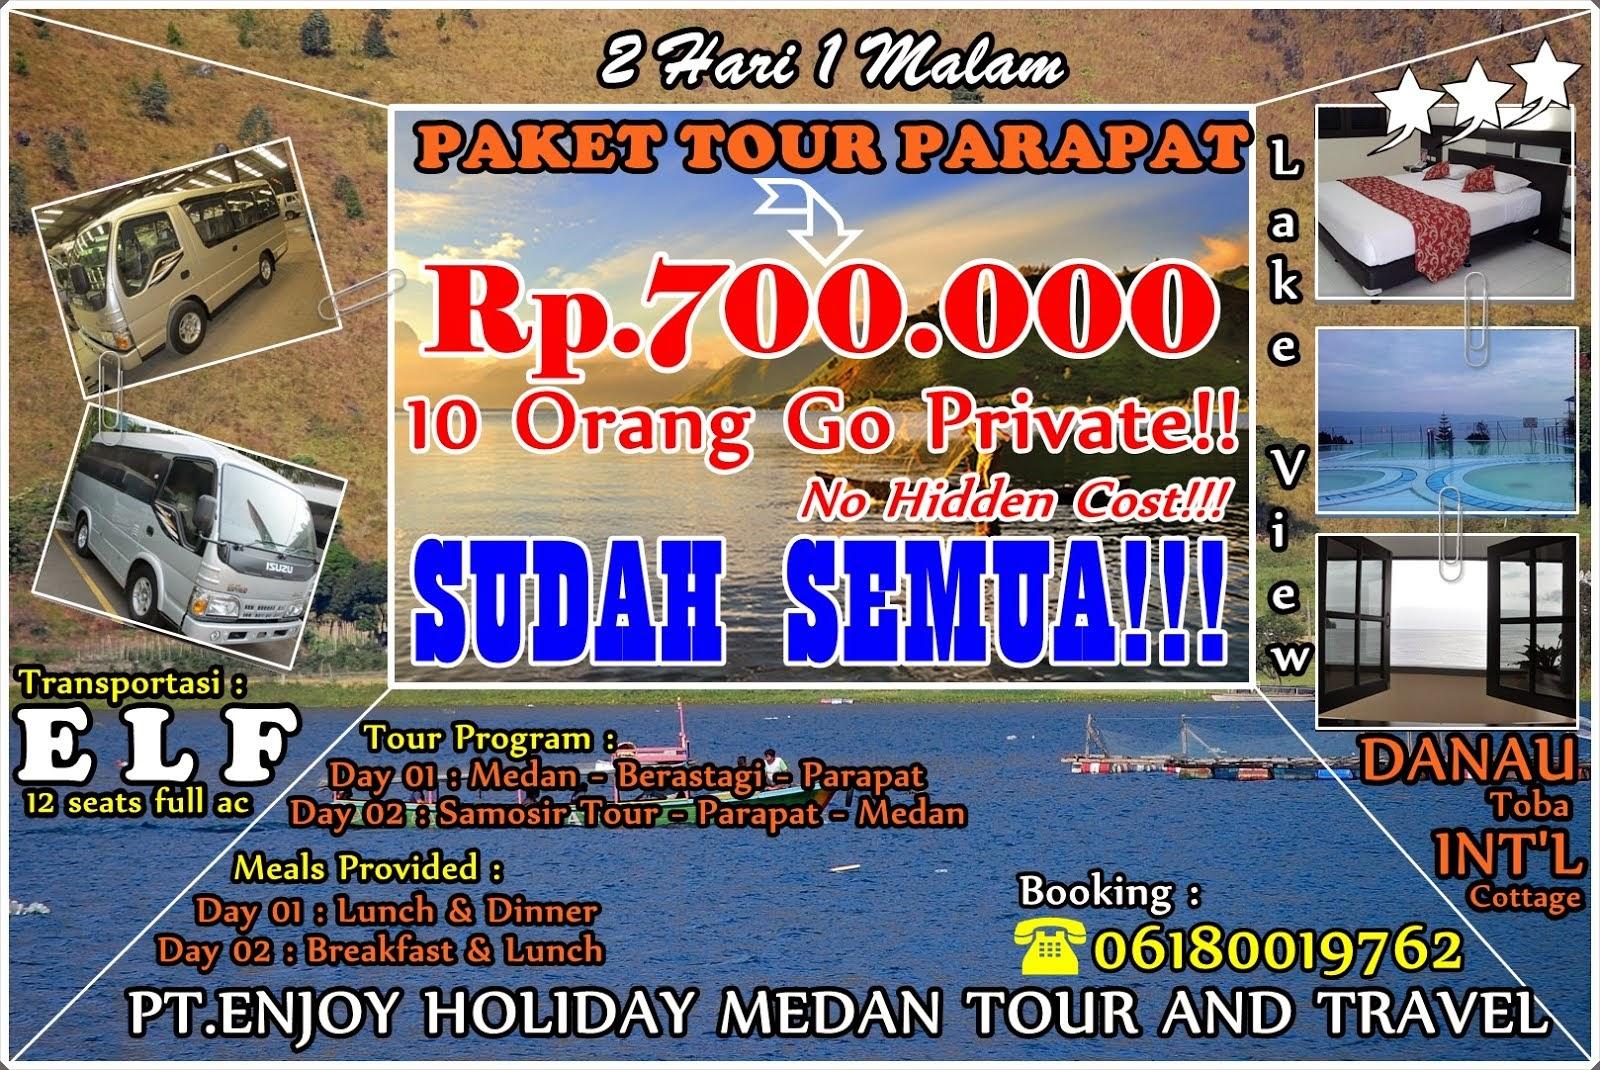 PROMO 2H1M HANYA RP.700.000 - 10 ORANG GO PRIVATE TOUR!! SUDAH SEMUA!!